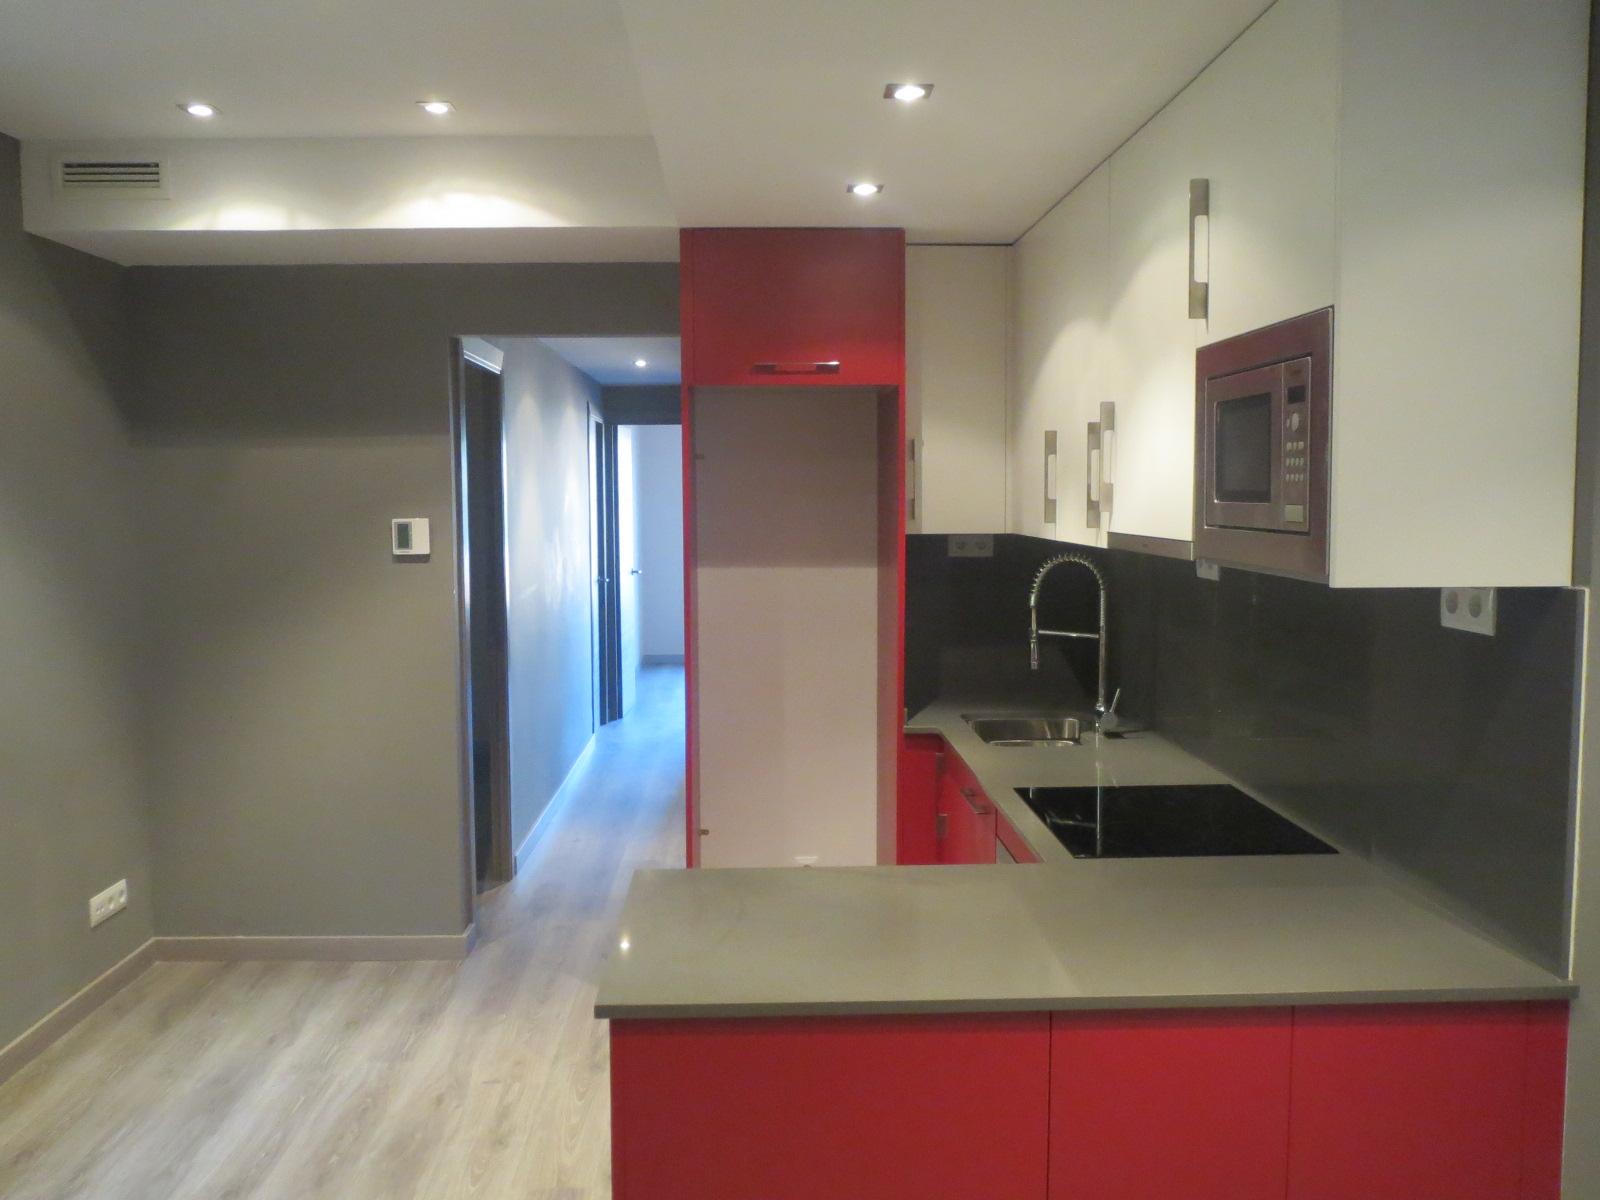 Dise o de interiores en barcelona grupo inventia for Diseno interiores barcelona